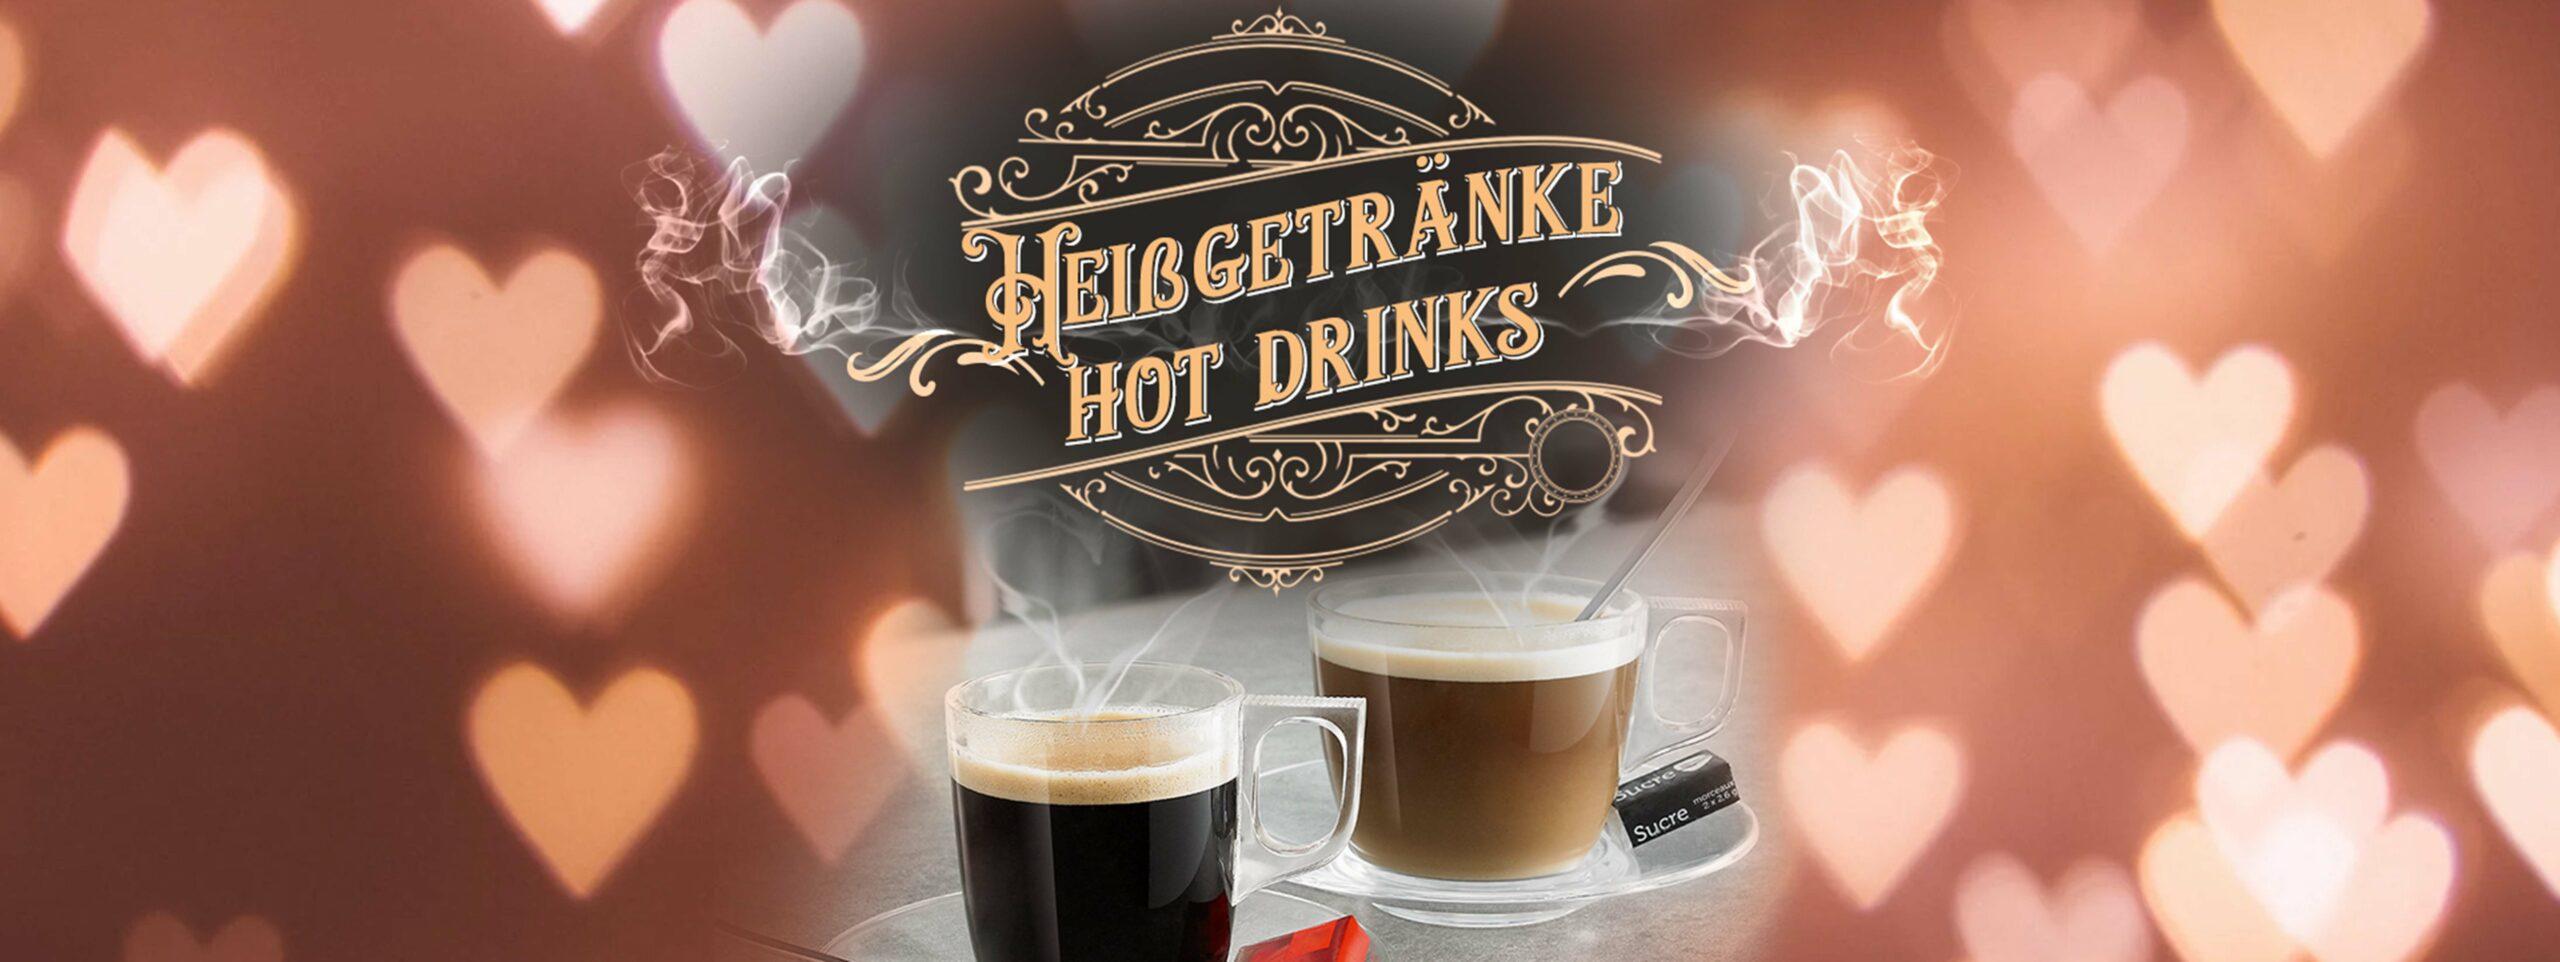 Tassen, Glastassen Kaffeebecher